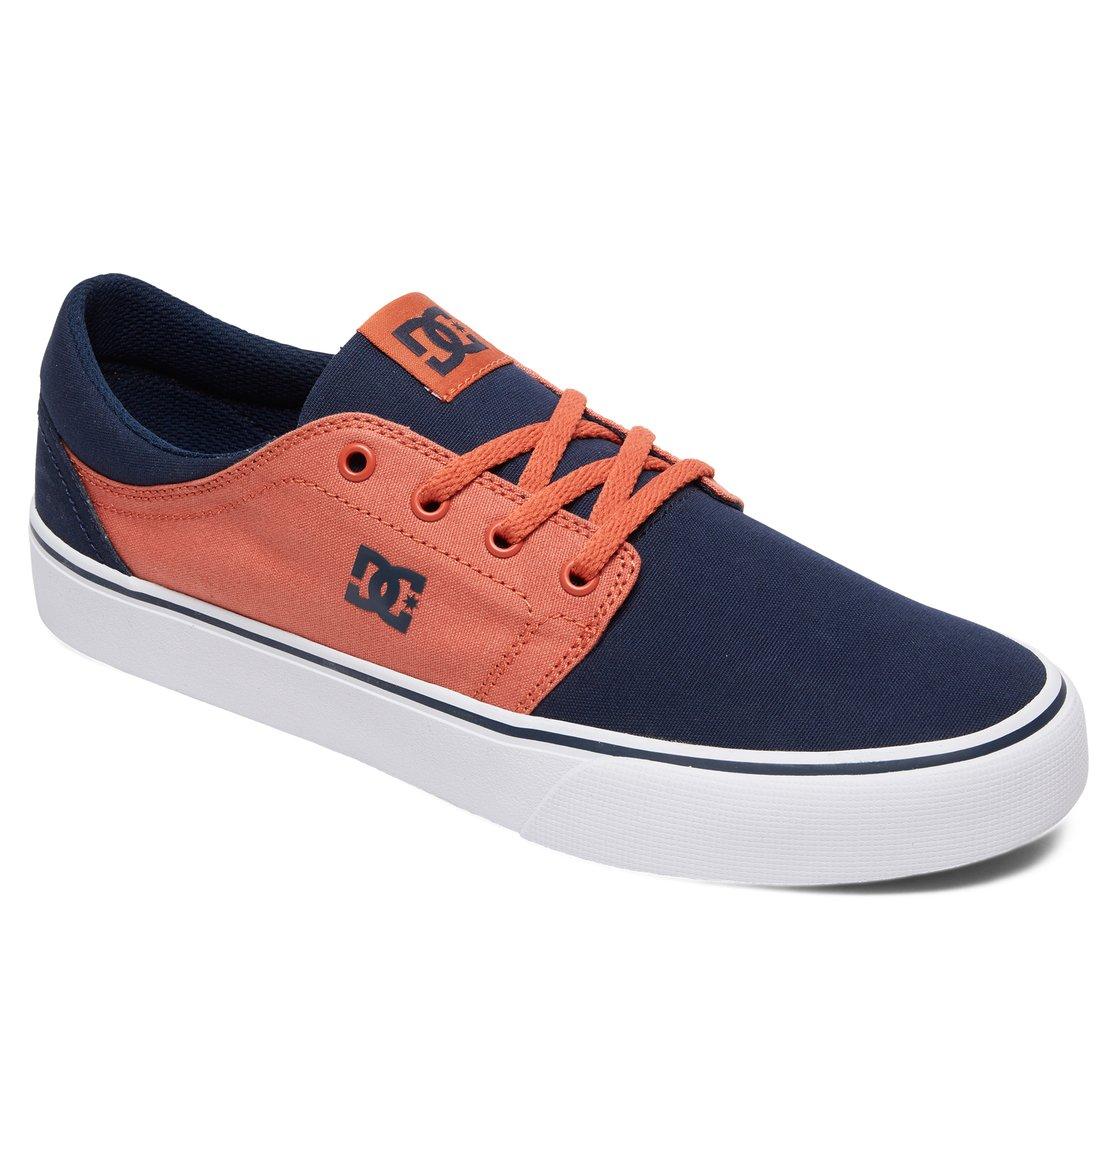 DC-Shoes-Trase-TX-Baskets-pour-Homme-ADYS300126 miniature 38